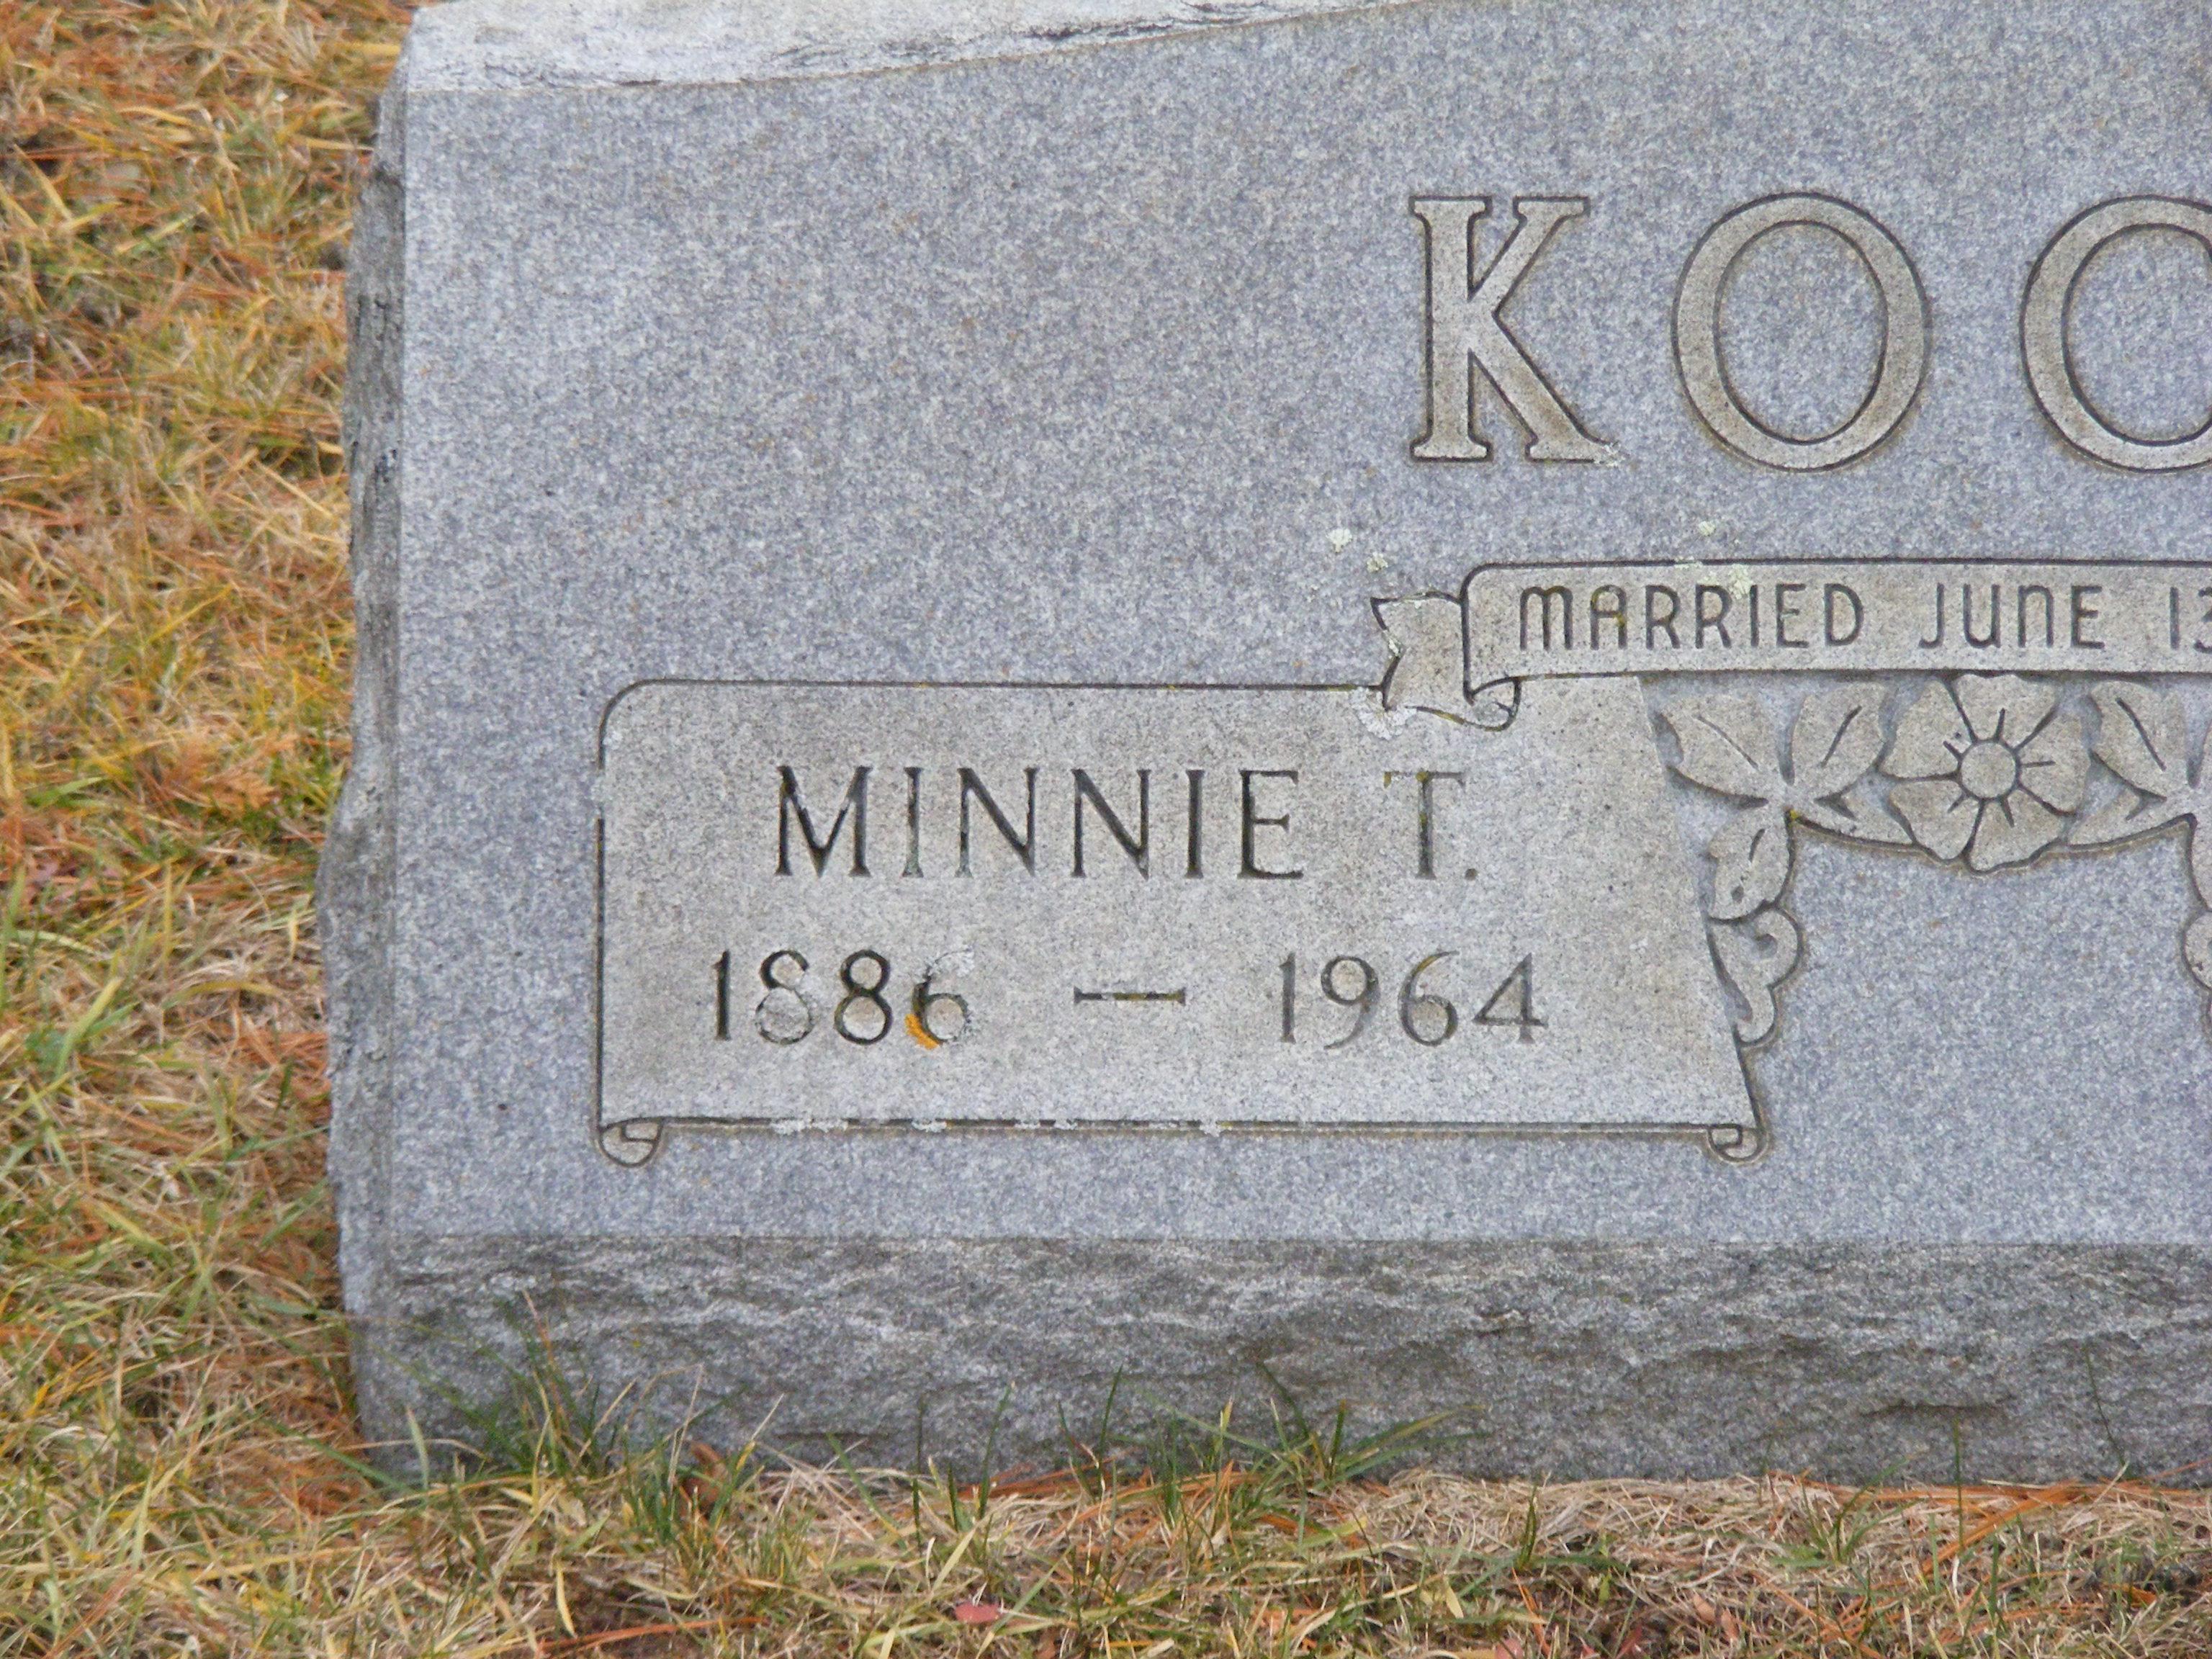 Minnie T Koch